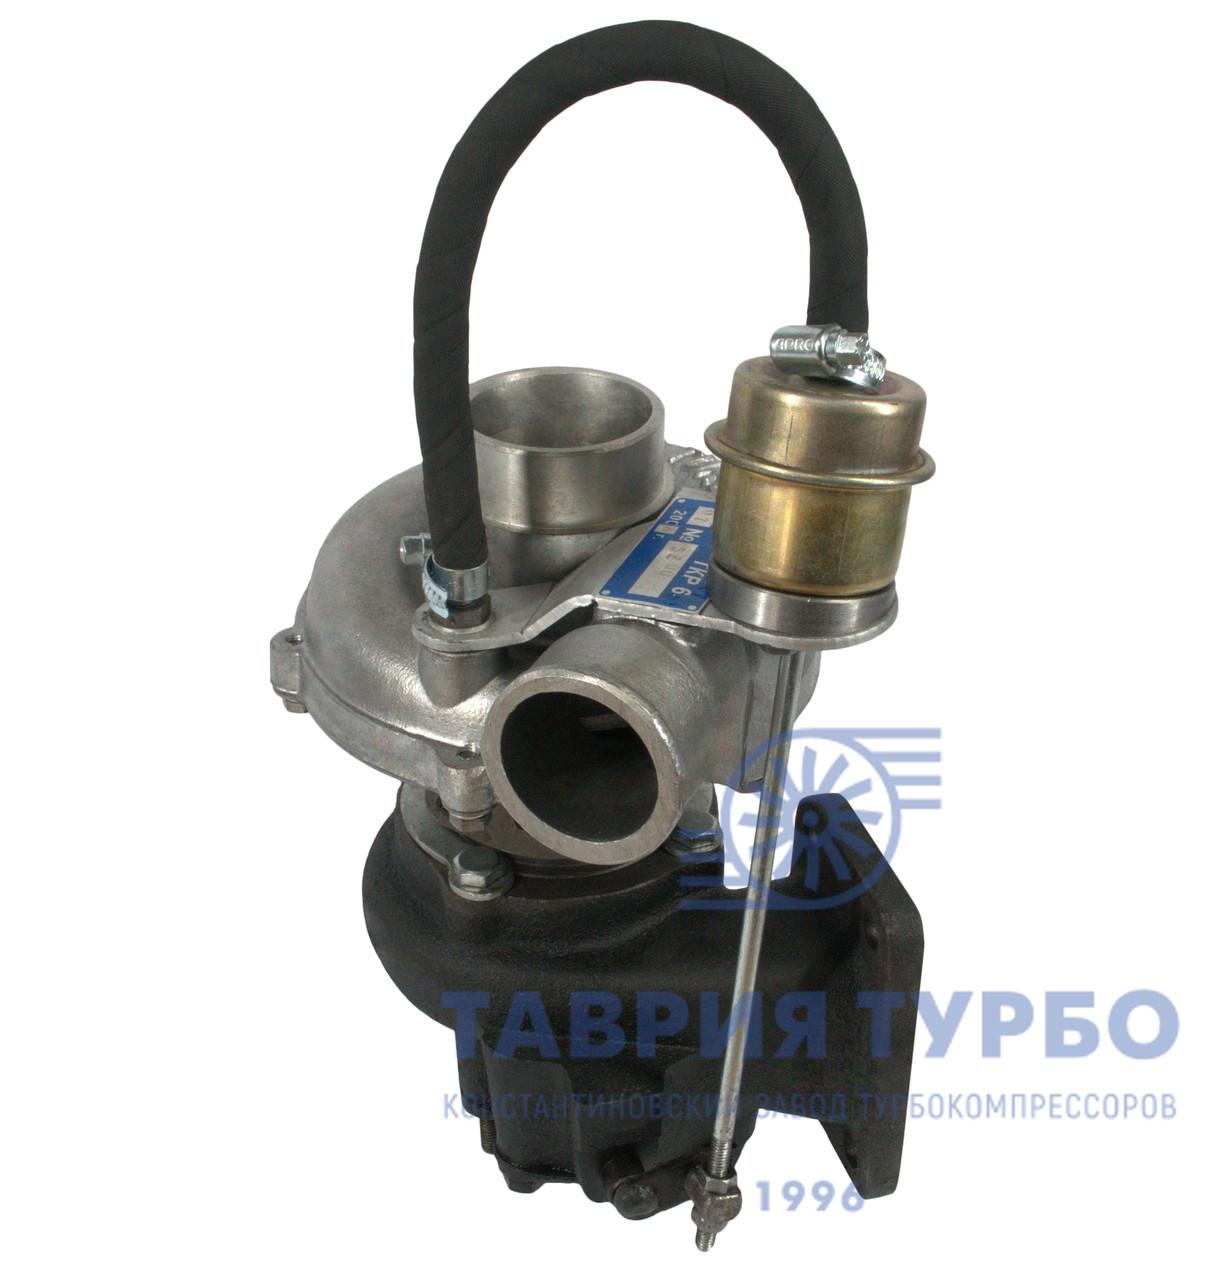 Турбокомпрессор ТКР 6.1 - 07.1 Евро 2, Турбина на Автомобили ЗИЛ, ОТЗ; Двигатель Д 245.9Е2